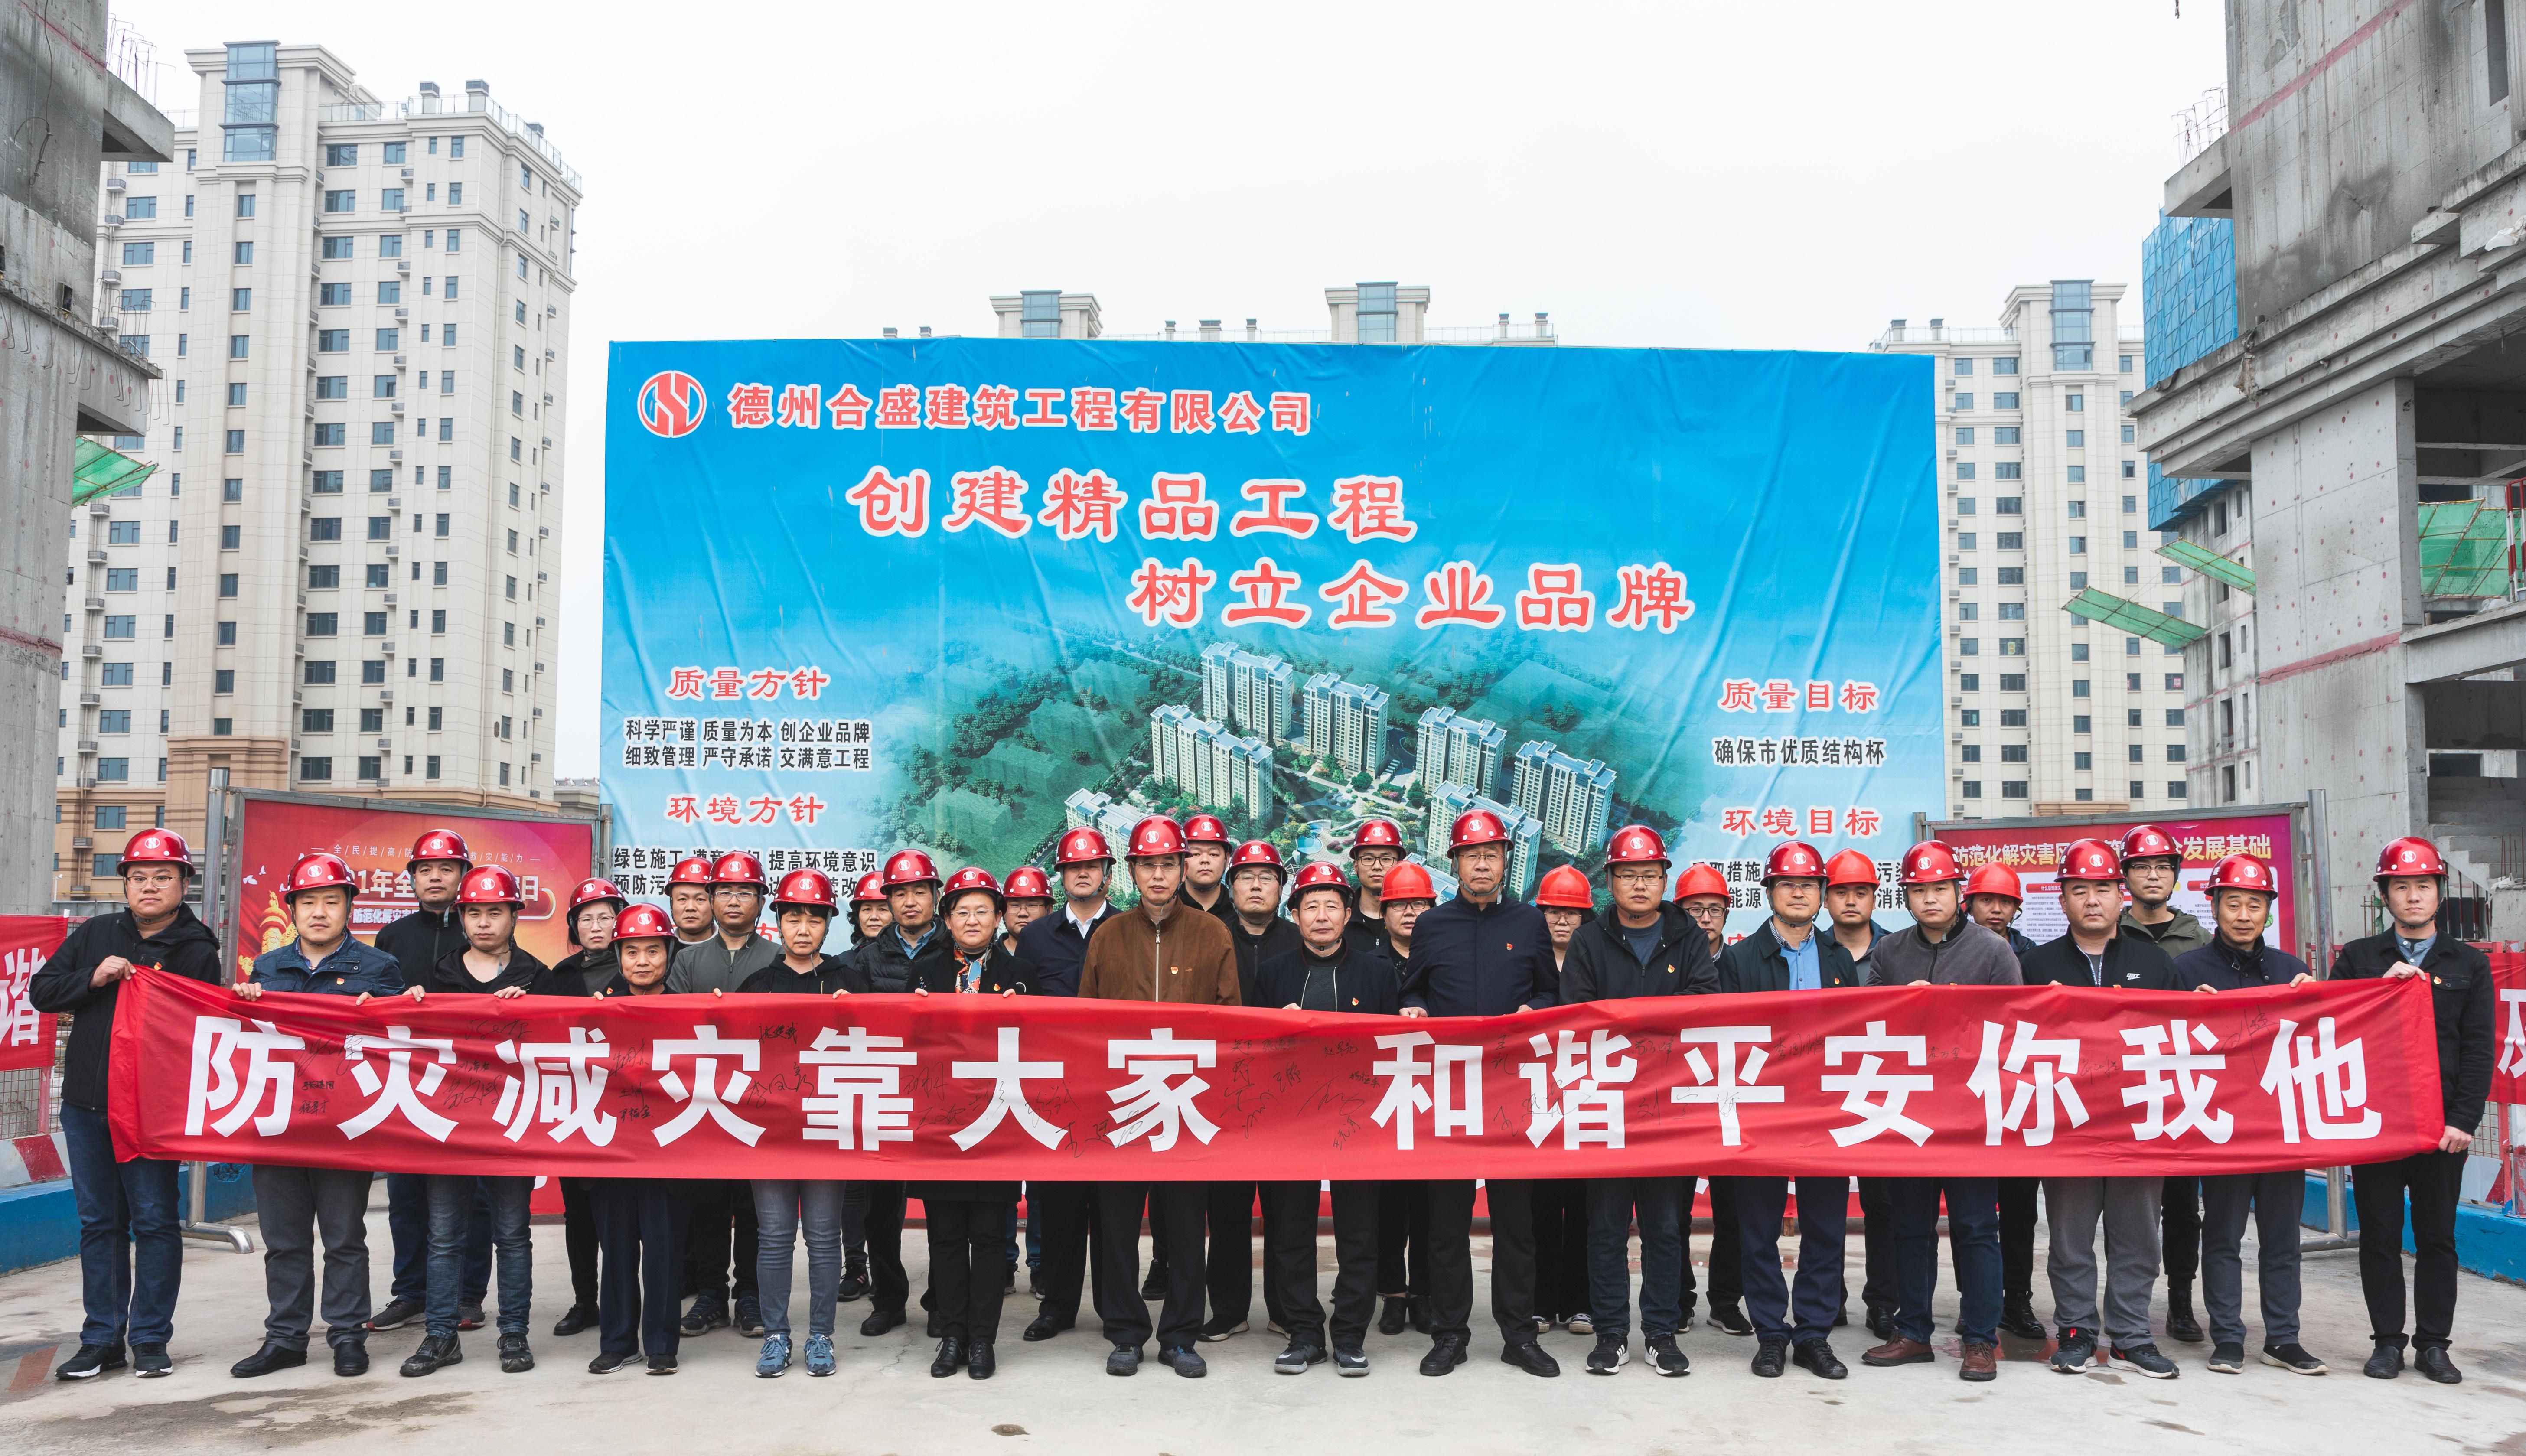 合盛建筑公司组织开展防灾减灾宣传活动